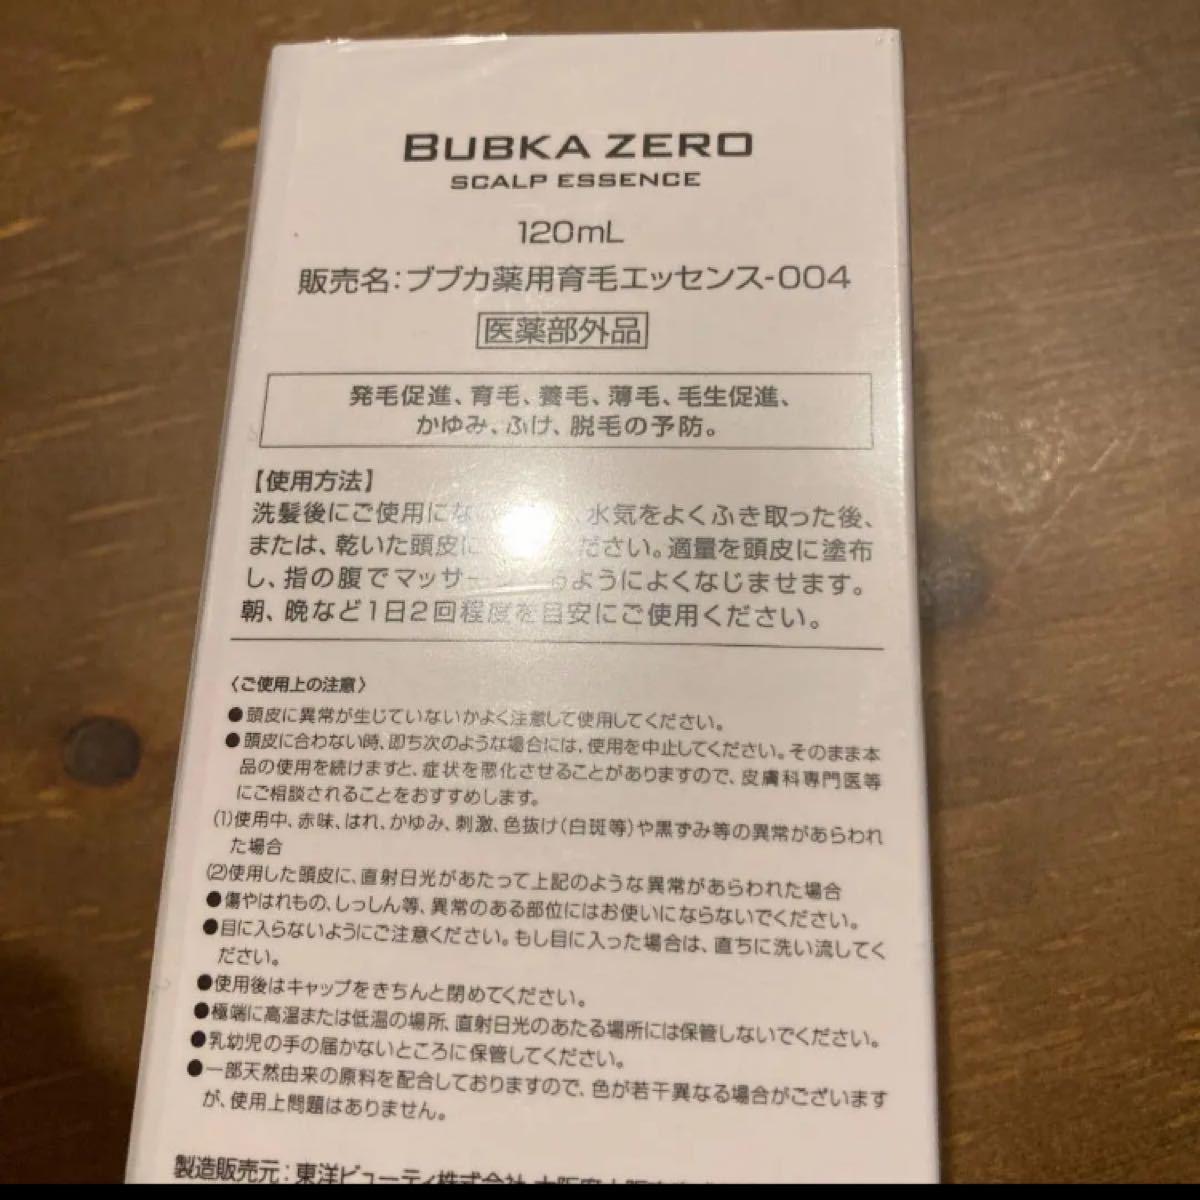 ブブカ ZERO BUBKA 育毛剤 薬用 スカルプエッセンス